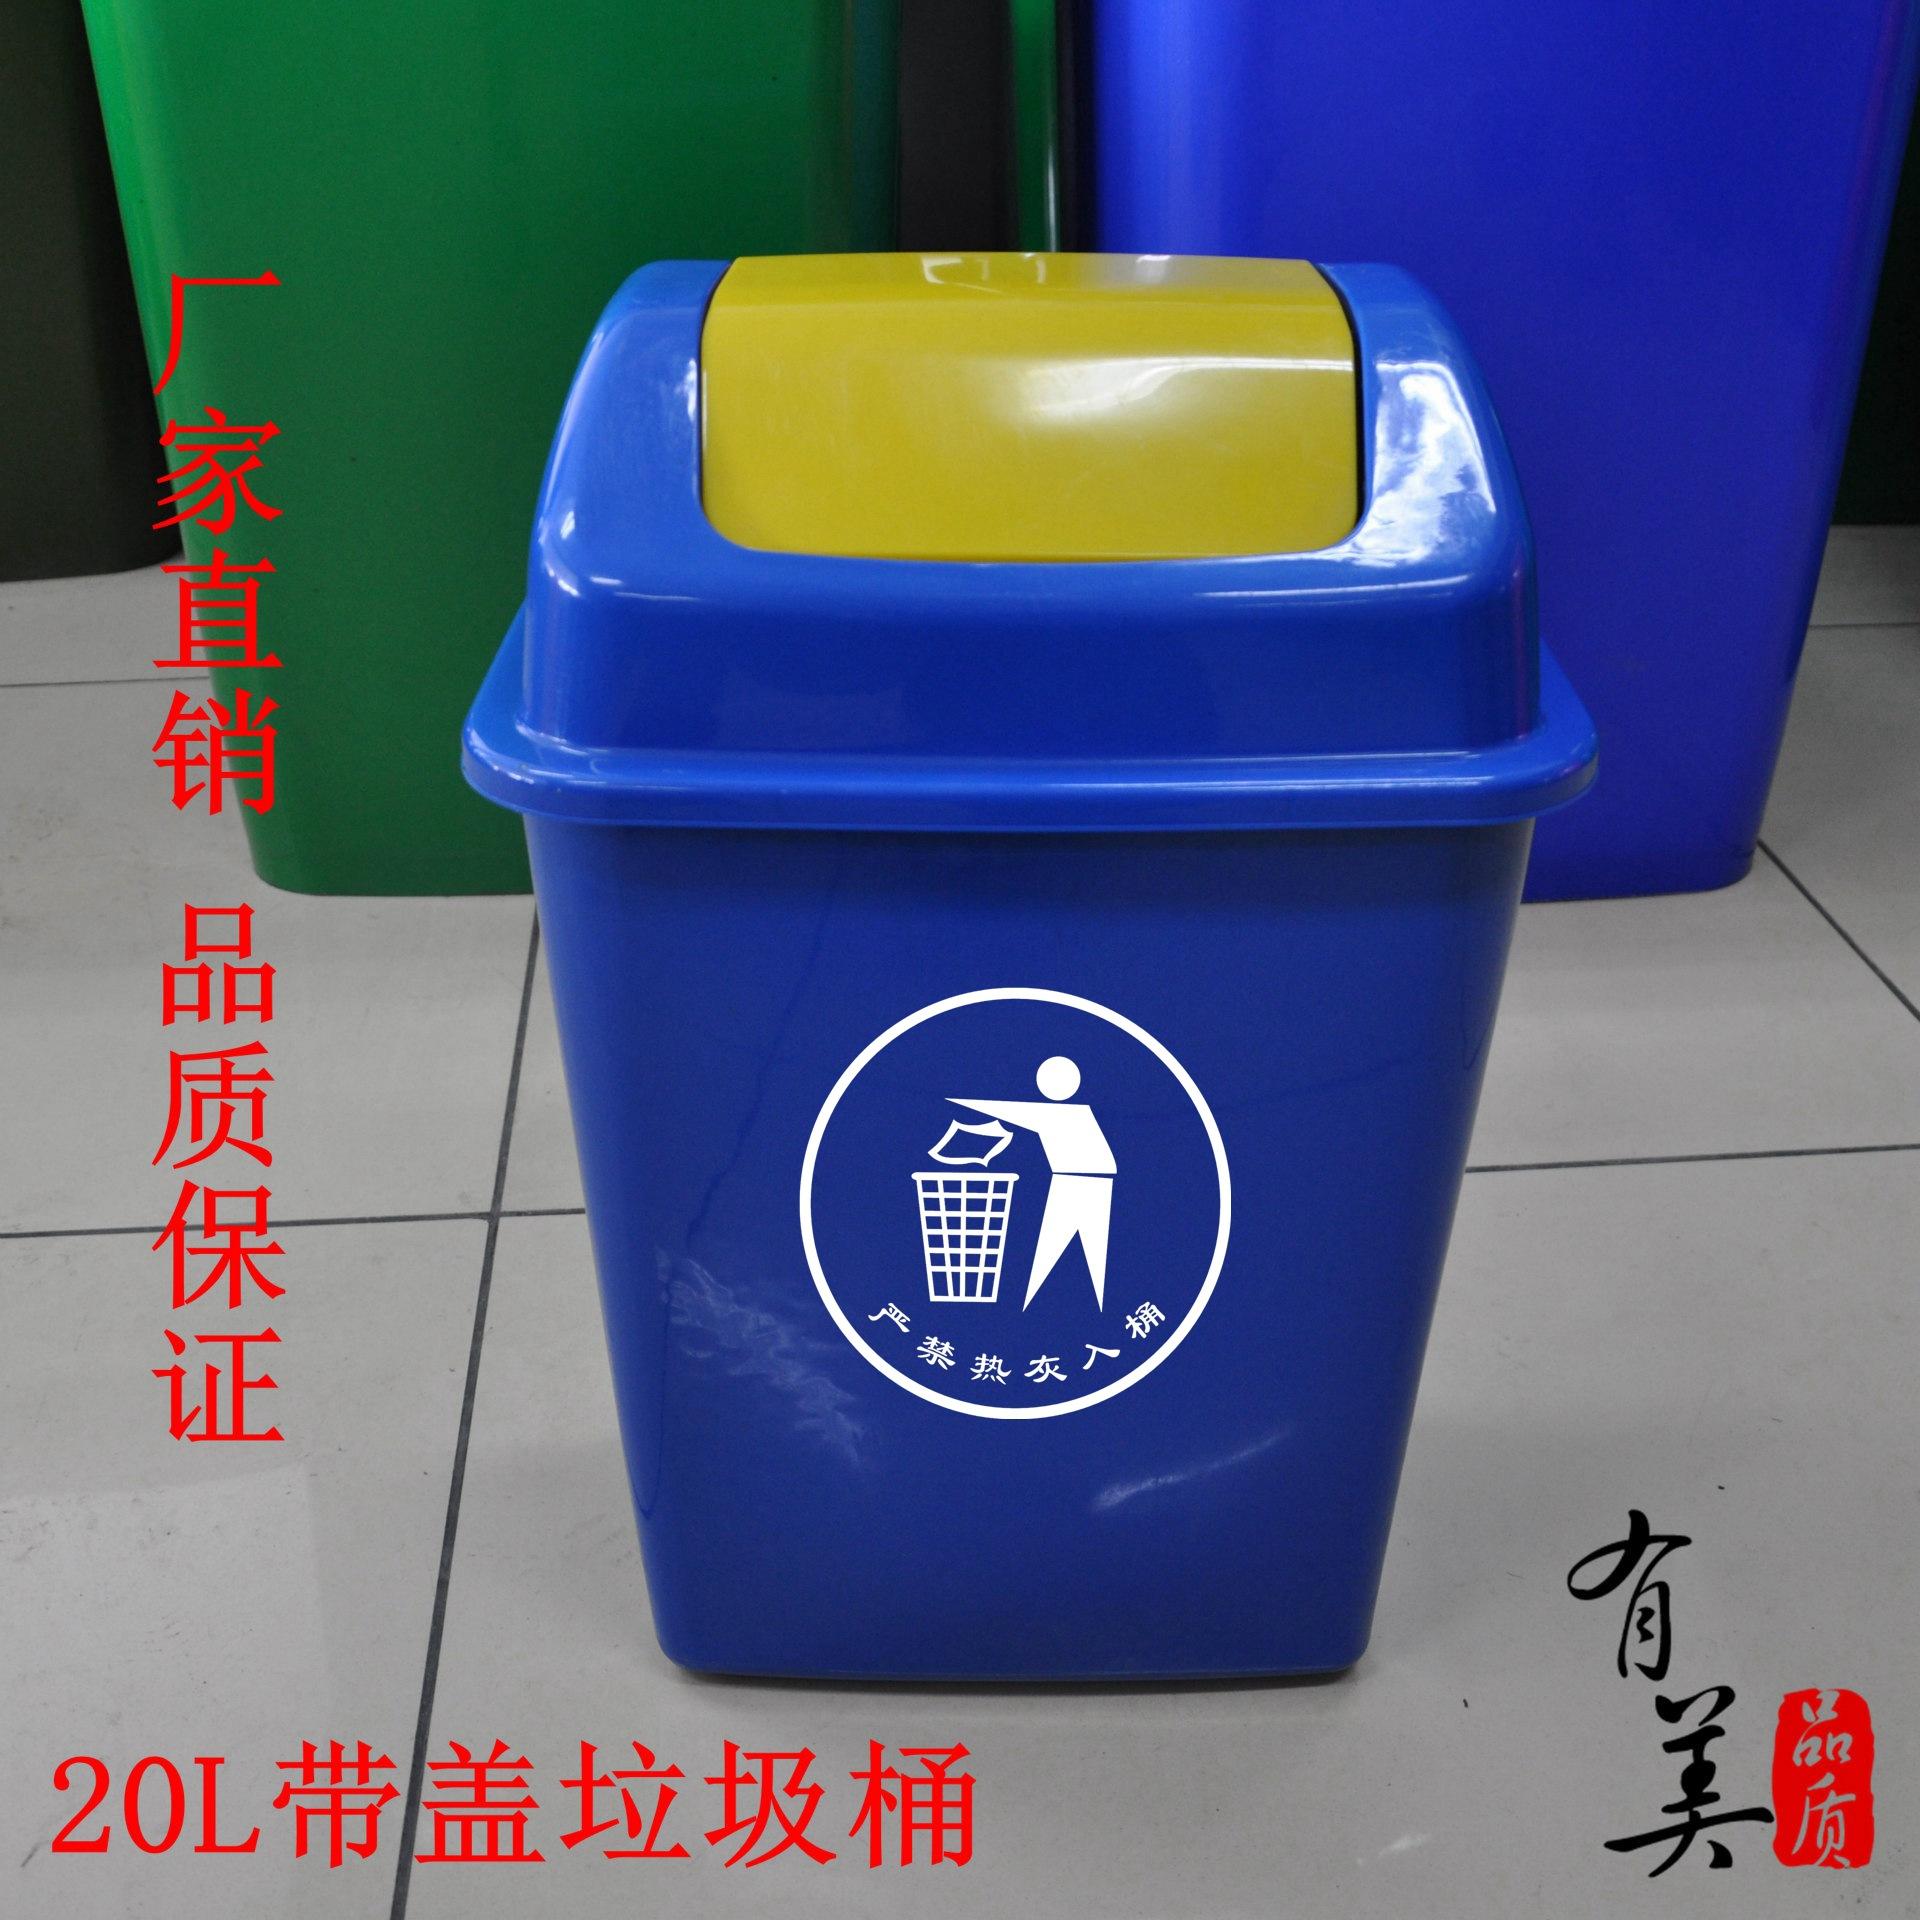 室内塑料垃圾桶_乐乐简笔画